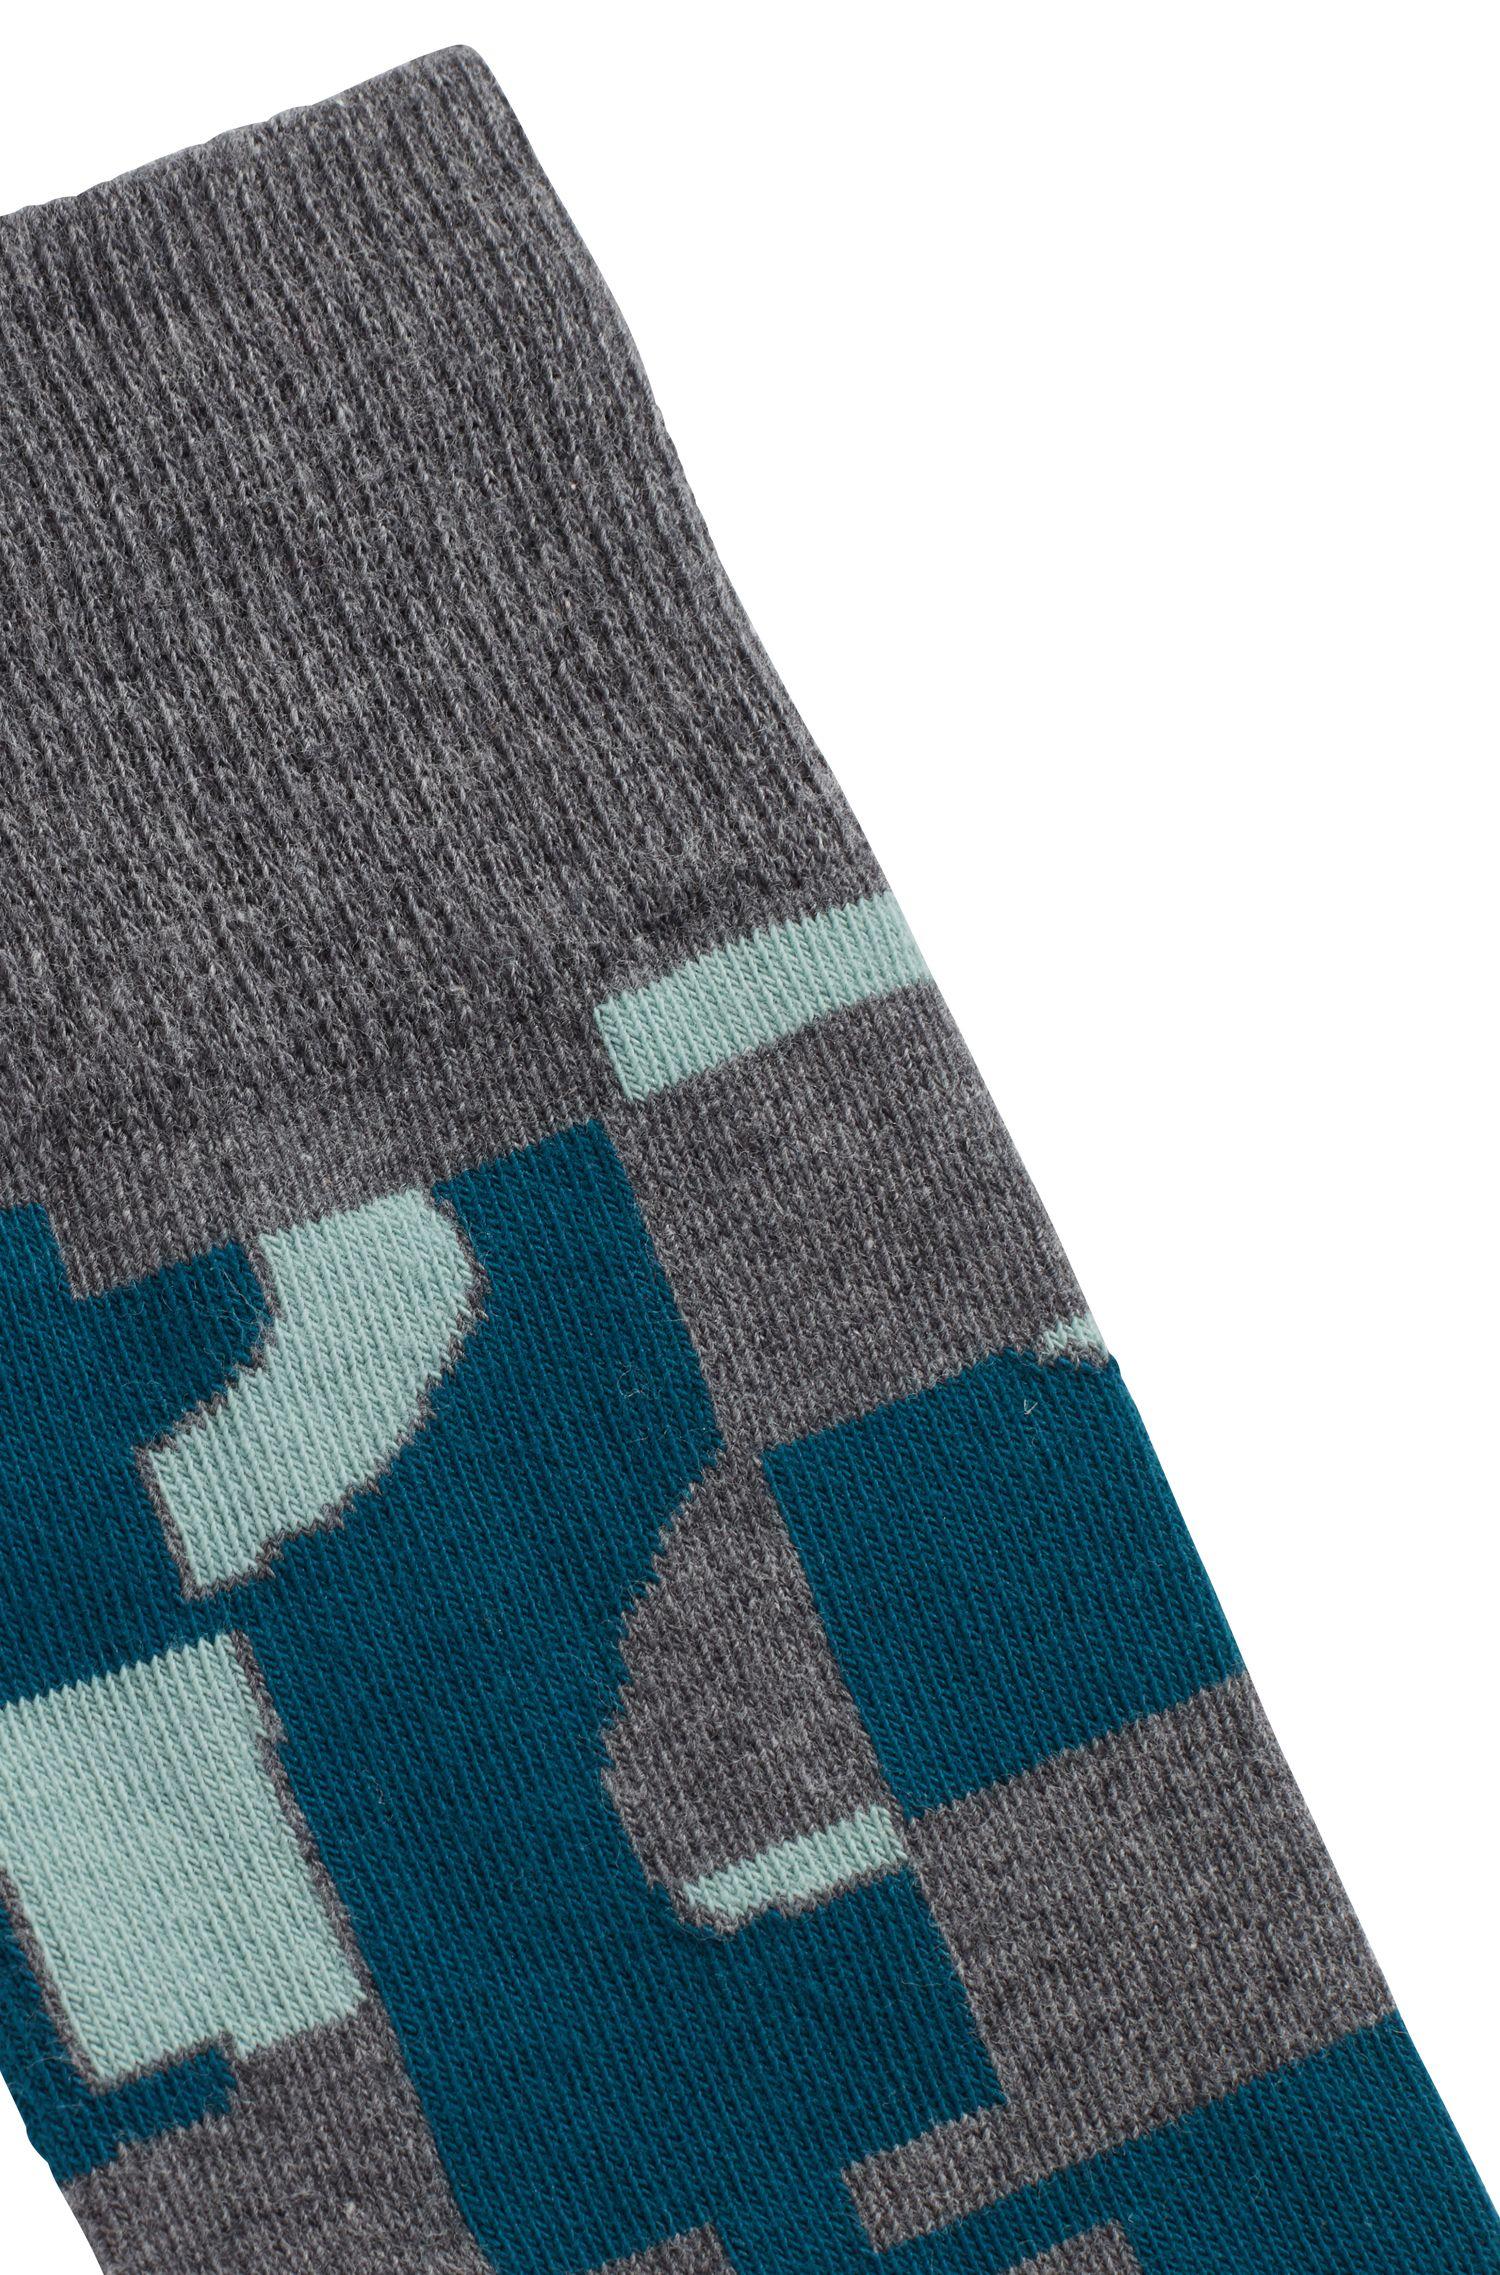 Calze di lunghezza media in misto cotone a disegni astratti, Grigio